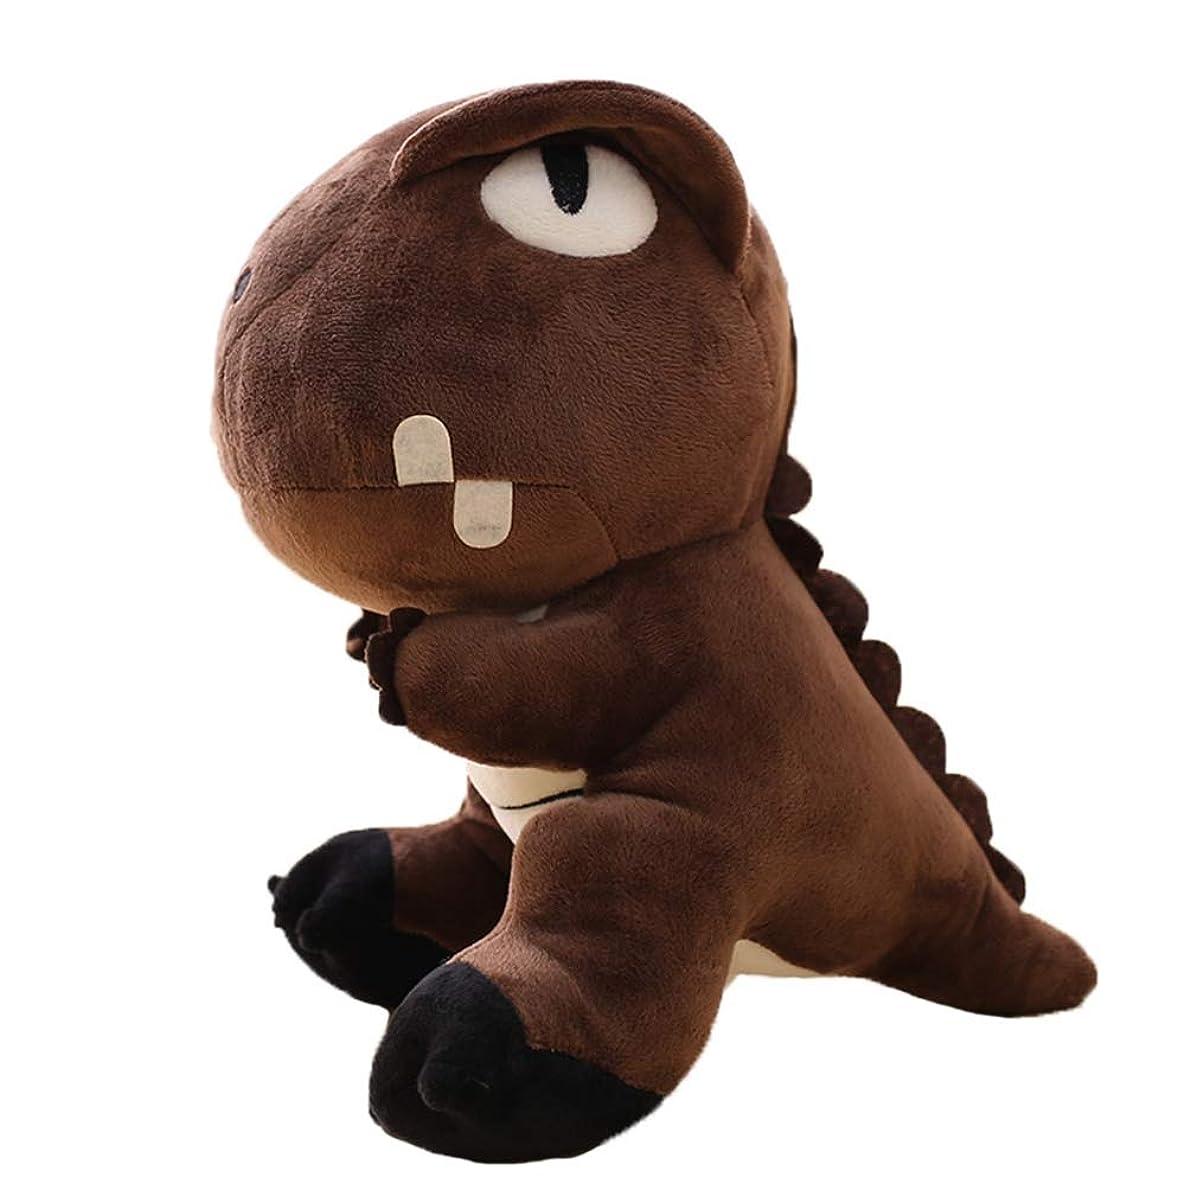 セミナー切り下げコンクリート恐竜 ぬいぐるみ プレゼント 動物 人形 リアル 大きい かわいい もちもち ふわふわ 洗える 抱き枕 おもちゃ 赤ちゃん 女の子 男の子 子供 大人 ぬいぐるみ 新年 贈り物 お祝い 誕生日 店 38CM